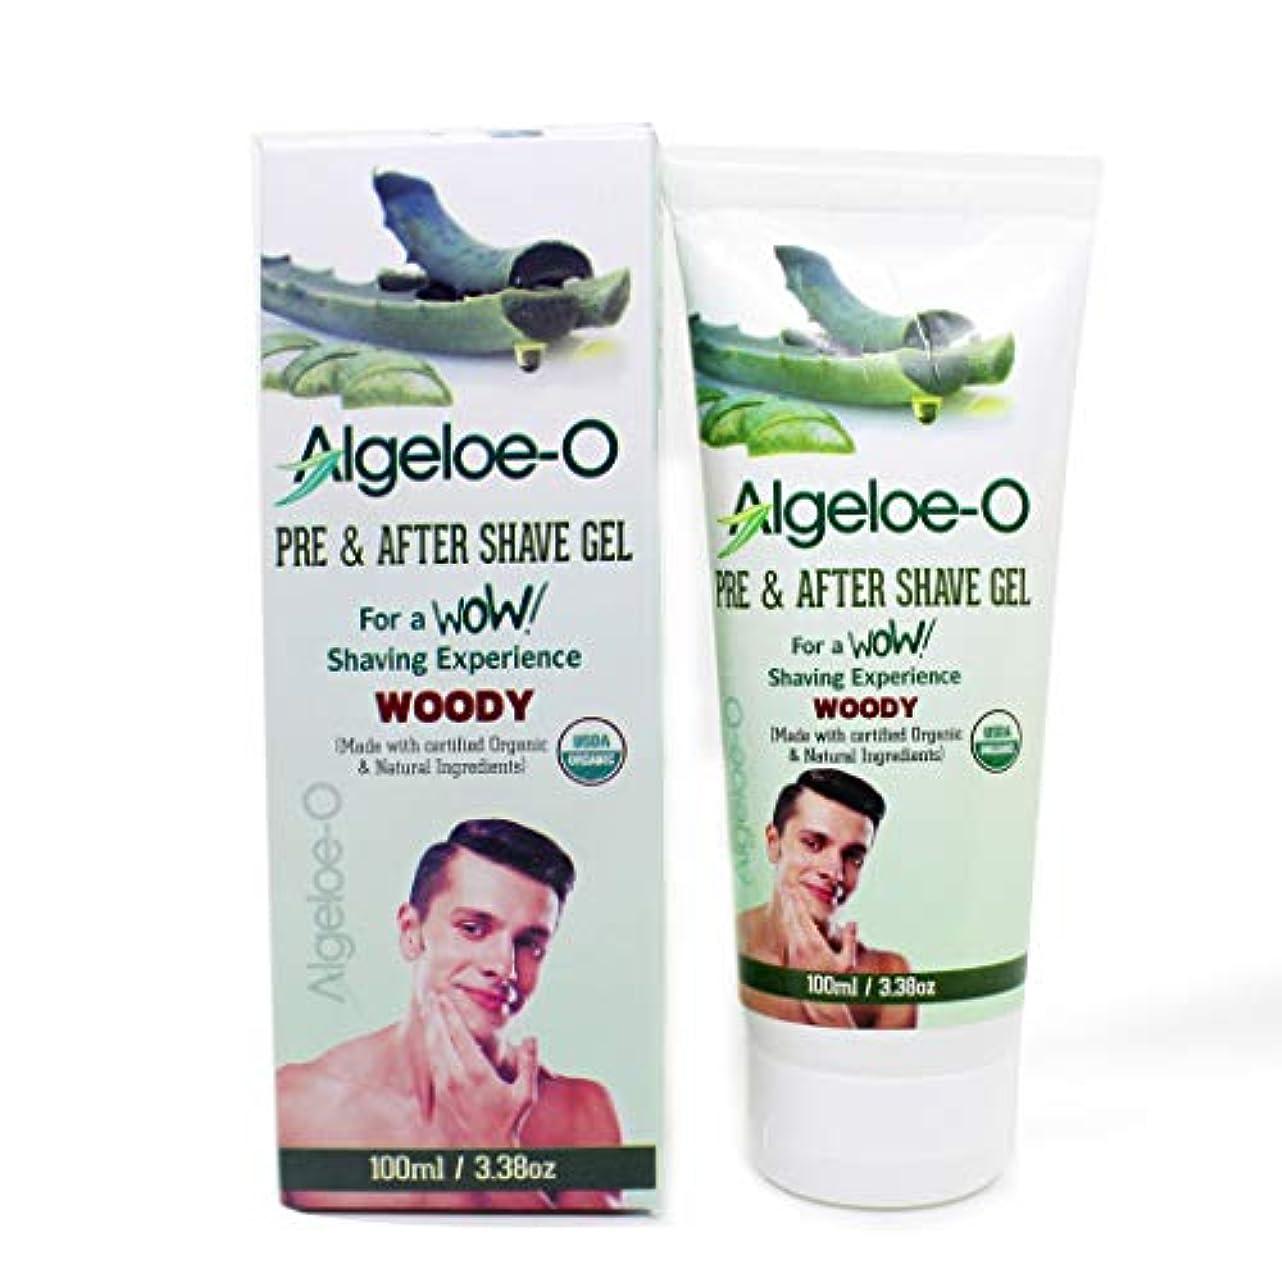 弾丸文芸良心的Aloevera Pre And After Shave Gel - Algeloe O Made With Certified USDA Organic And Natural Ingredients - Woody 100 ml (3.38 Oz.)